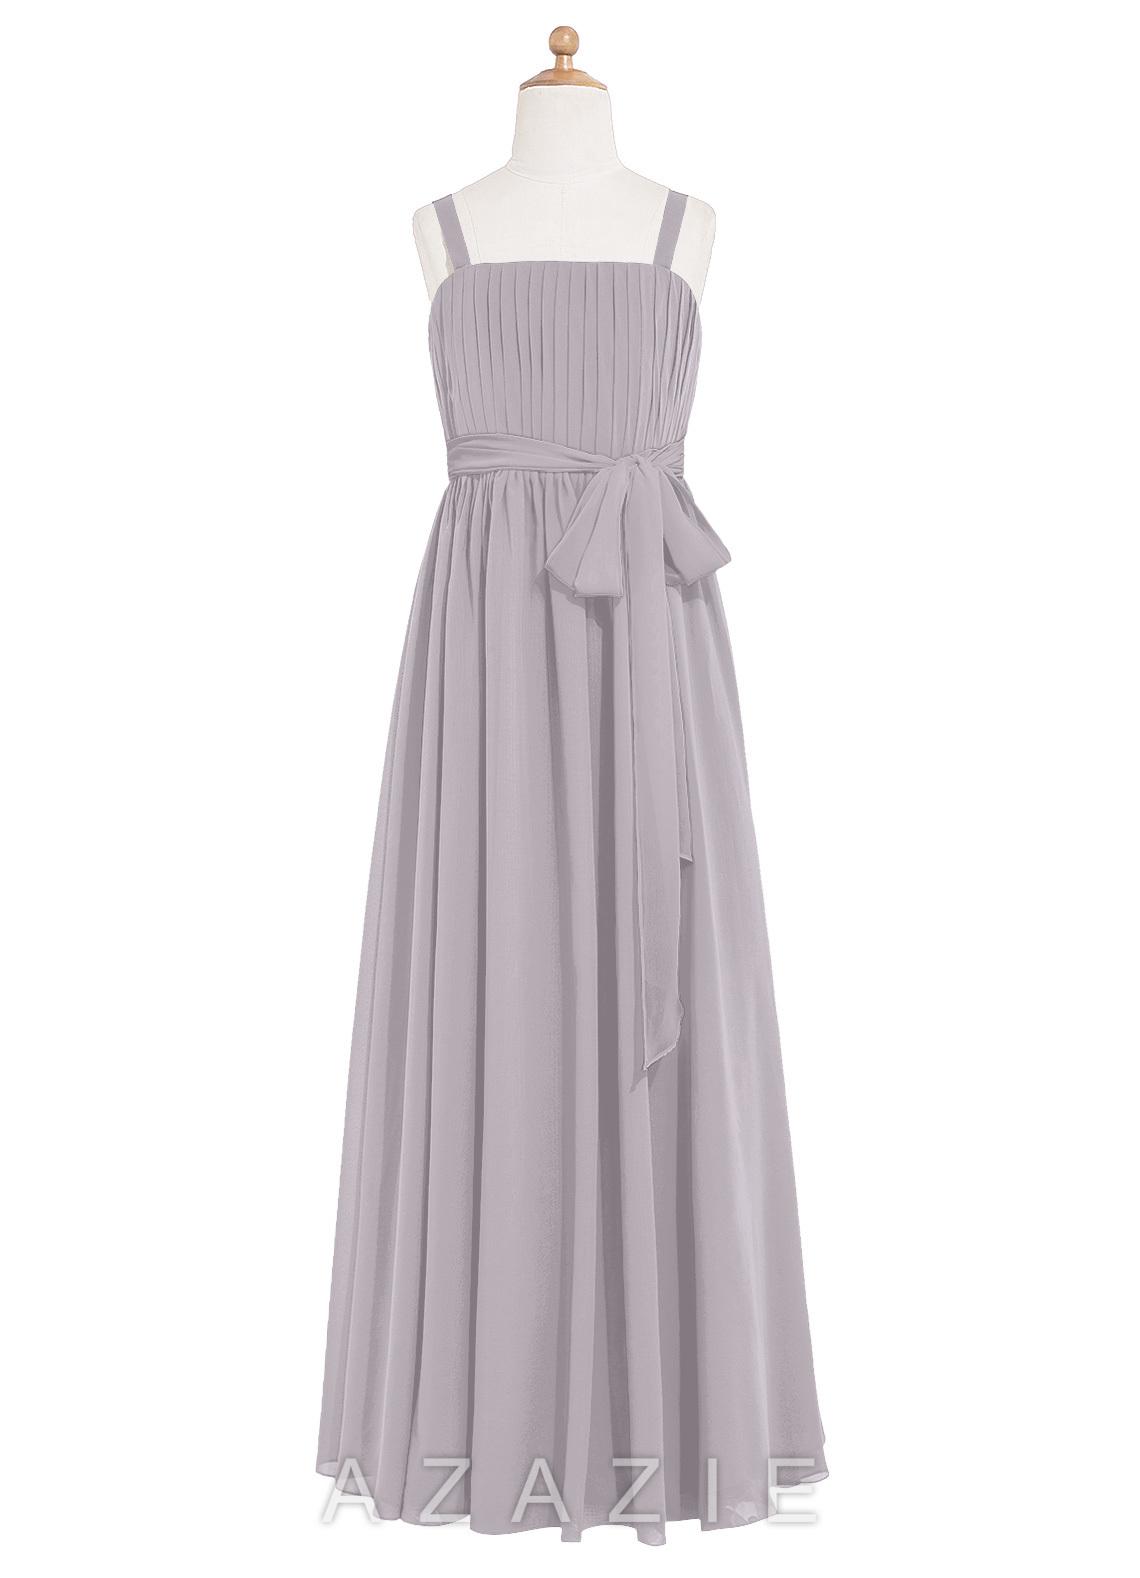 Azazie Ellie JBD Junior Bridesmaid Dress   Azazie